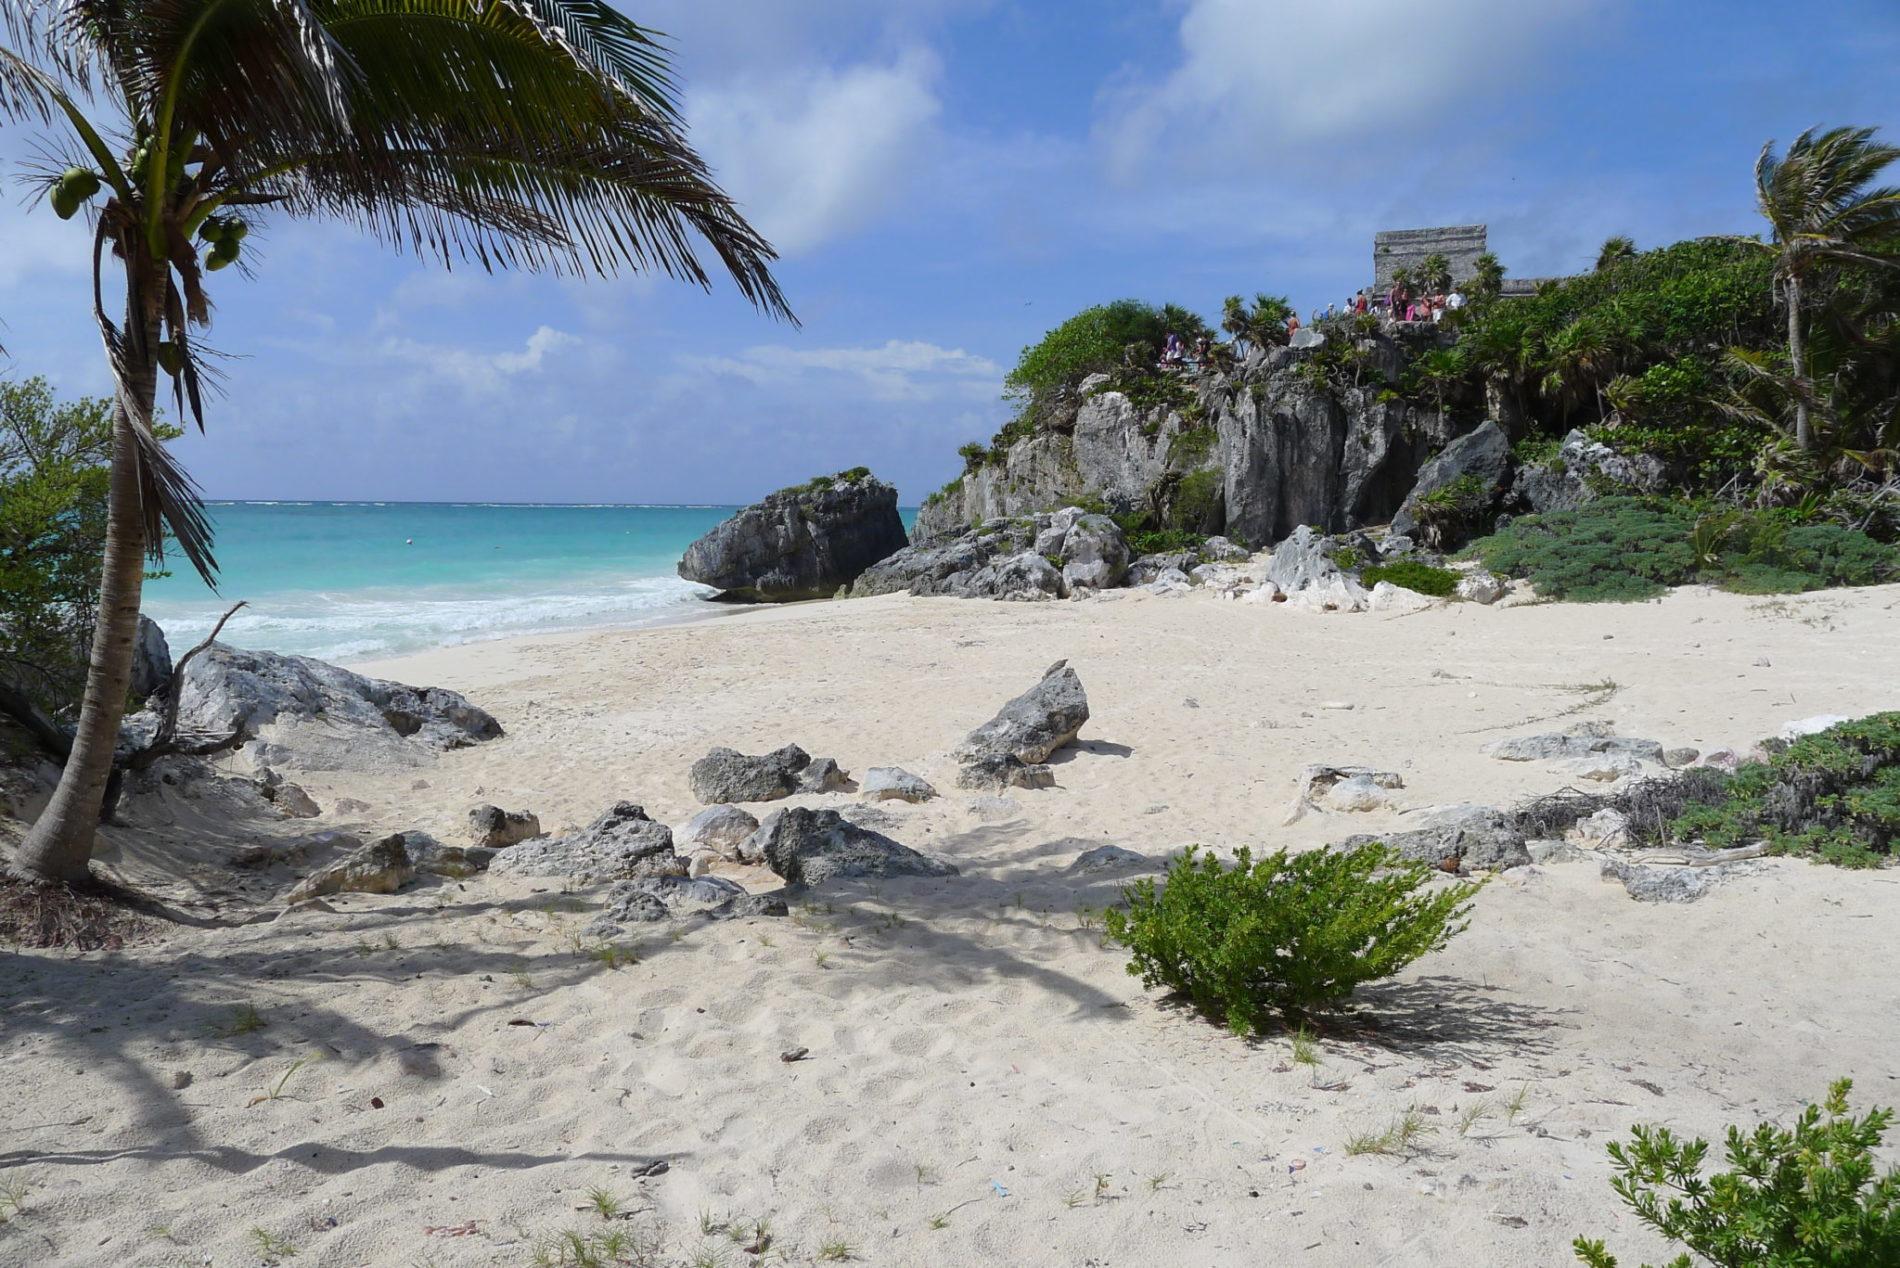 plage-sable-blanc-palmiers-tulum-yucatan